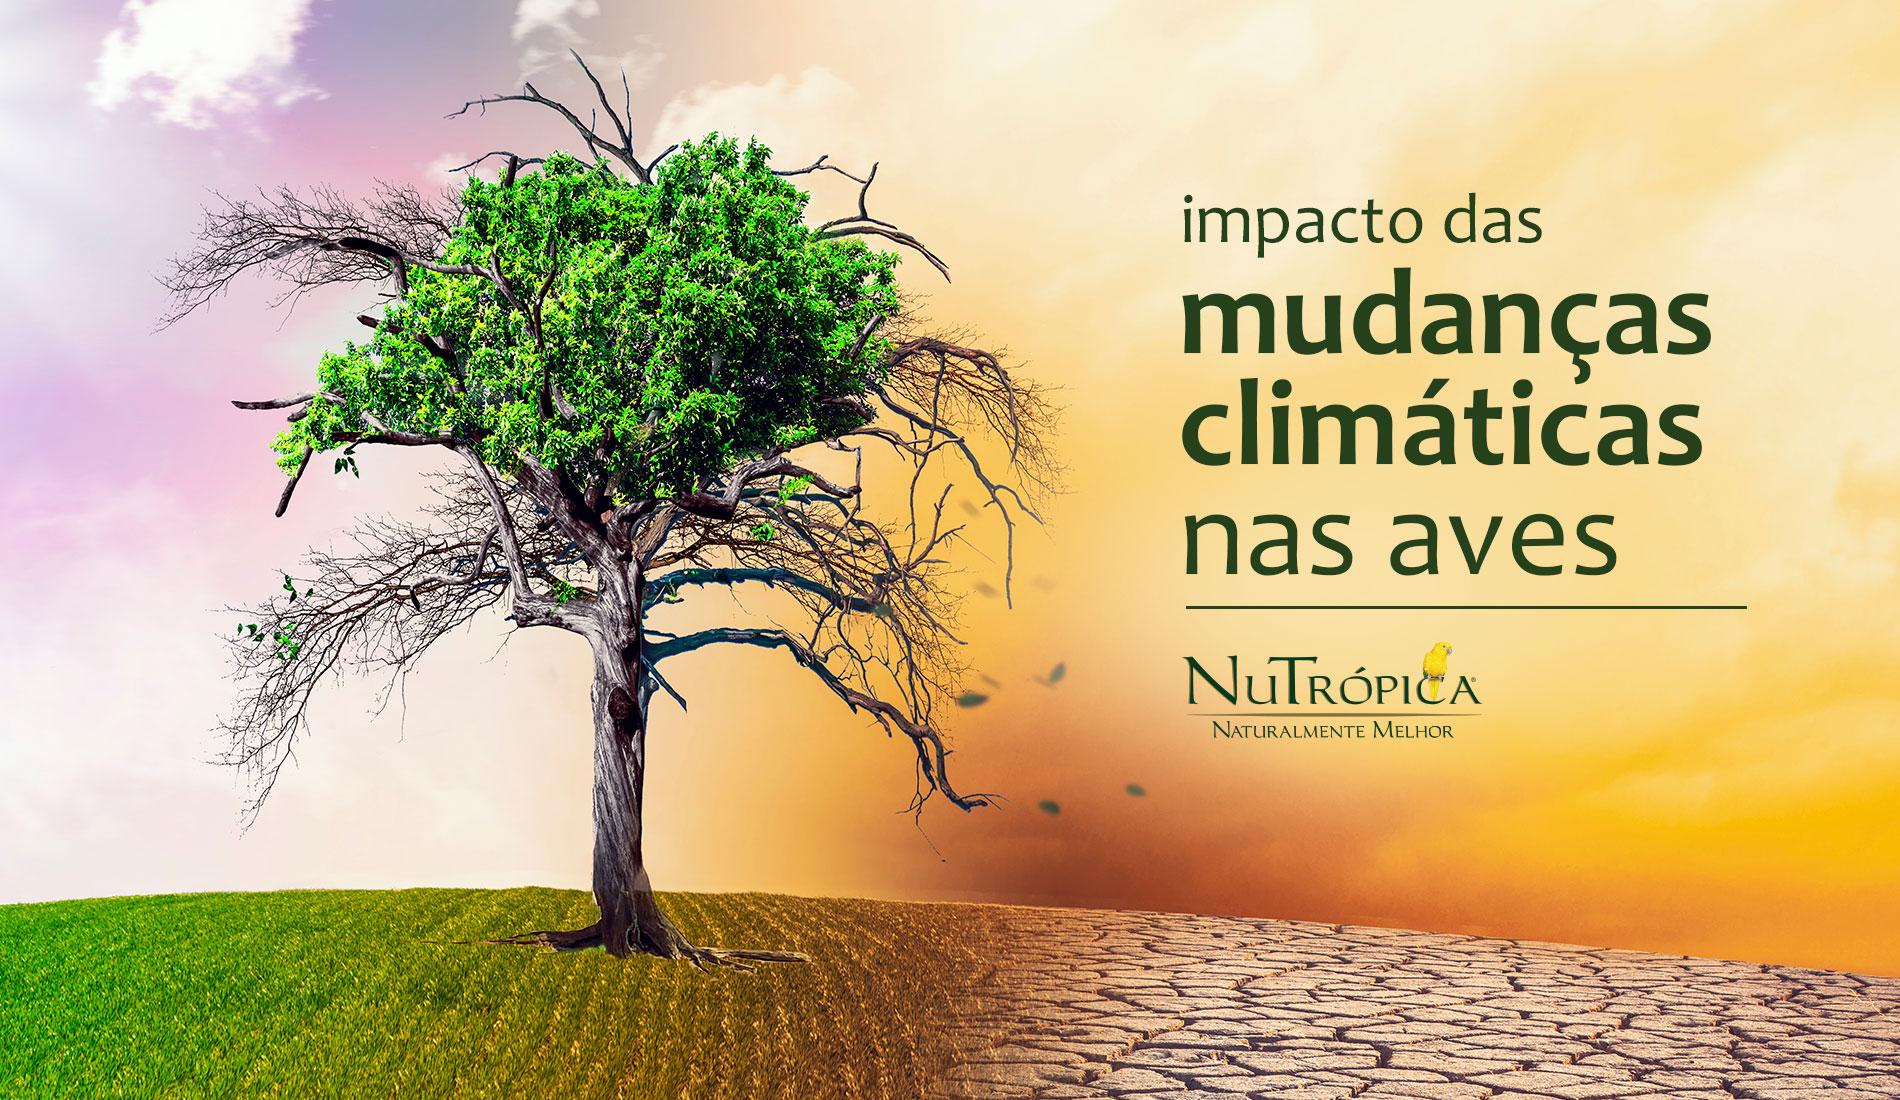 O impacto das mudanças climáticas nas aves